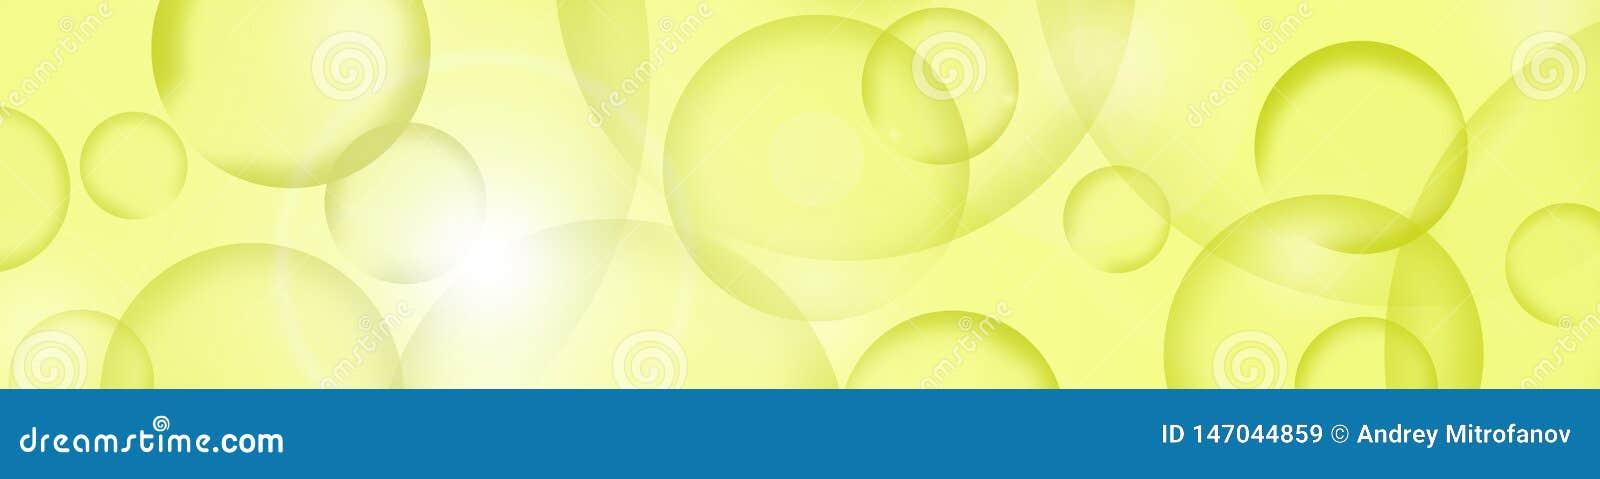 Achtergrond Abstractie met gekleurde cirkels